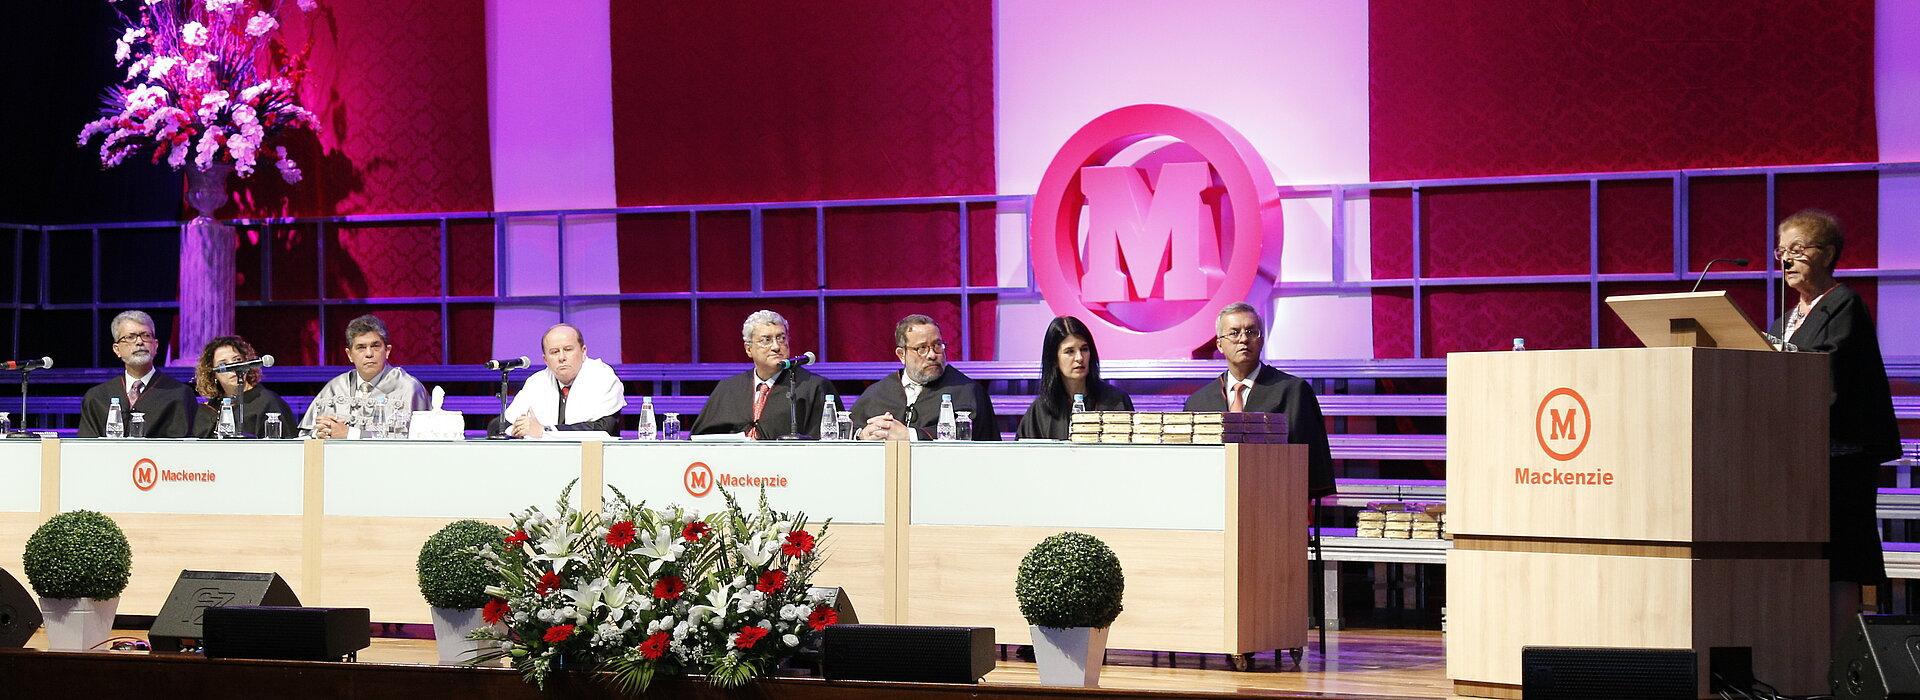 Autoridades sentadas à mesa enquanto a paraninfa discursa ao púlpito